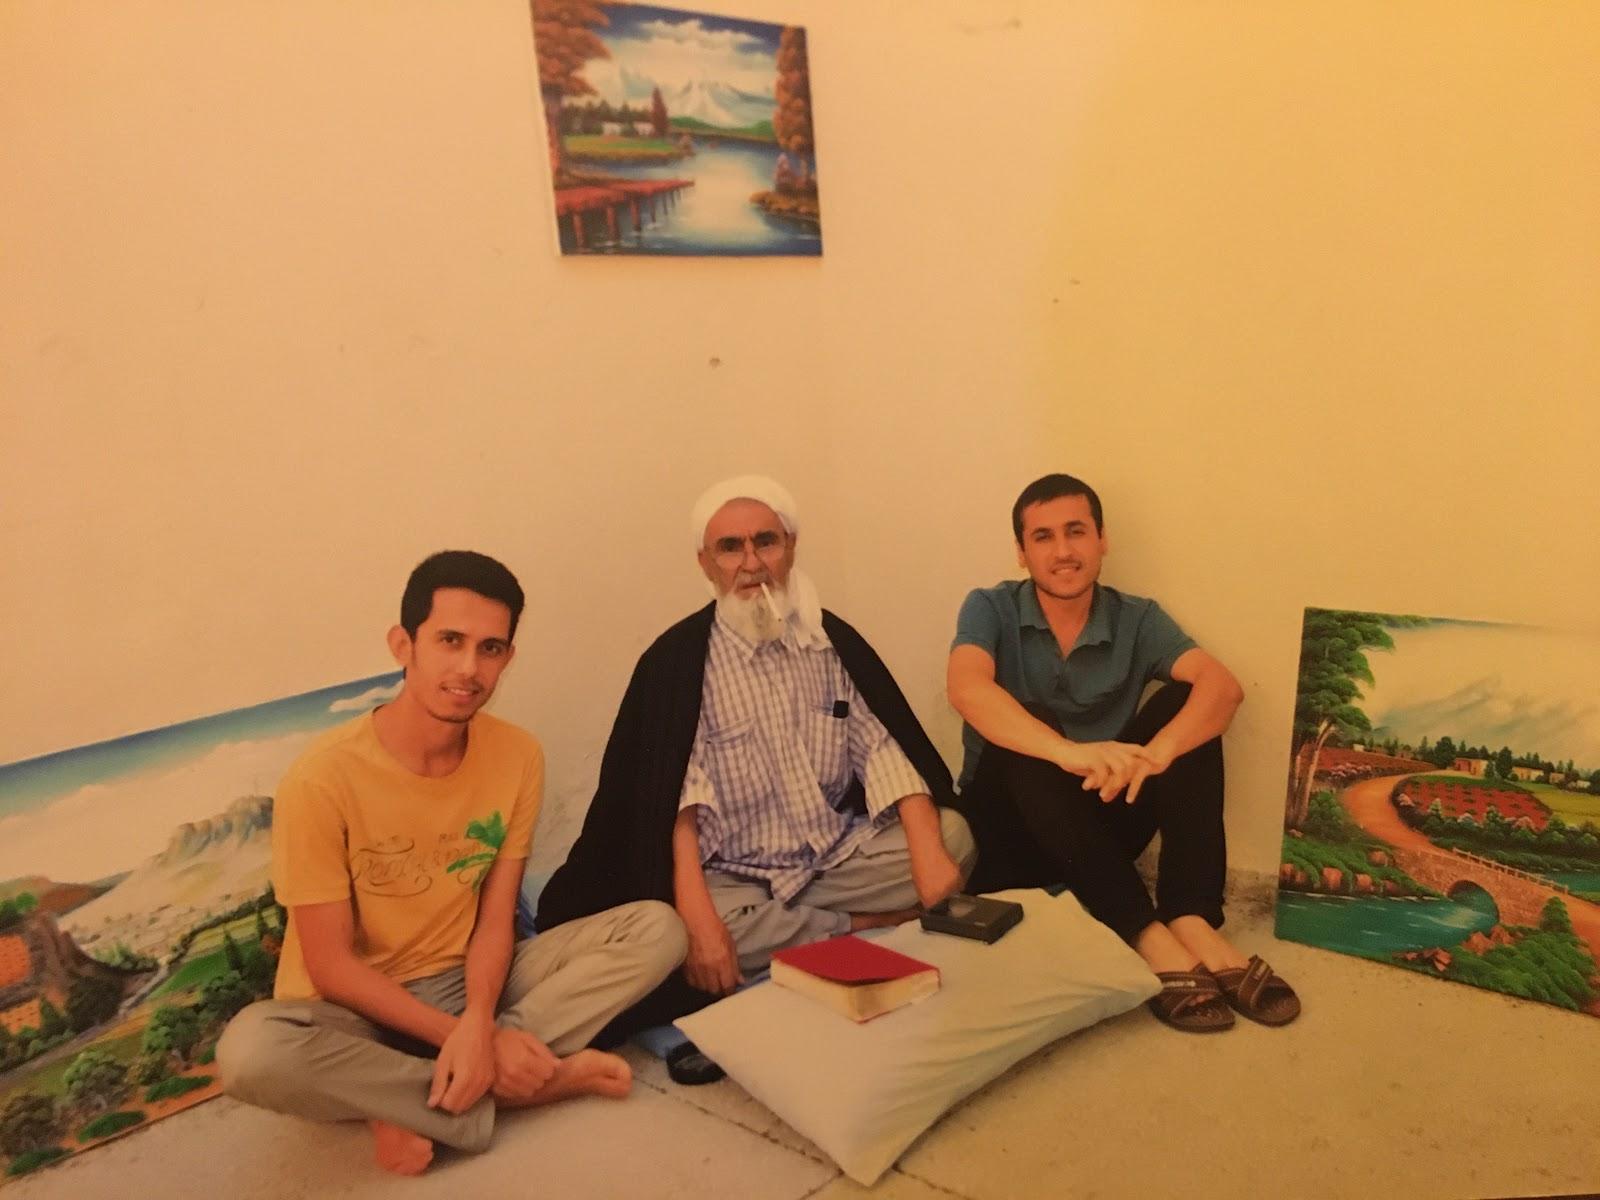 Уфук, засуджений разом з ним друг Фатіх та батько Фатіха – імам, теж засуджений у 69-річному віці (звільнився цієї весни)